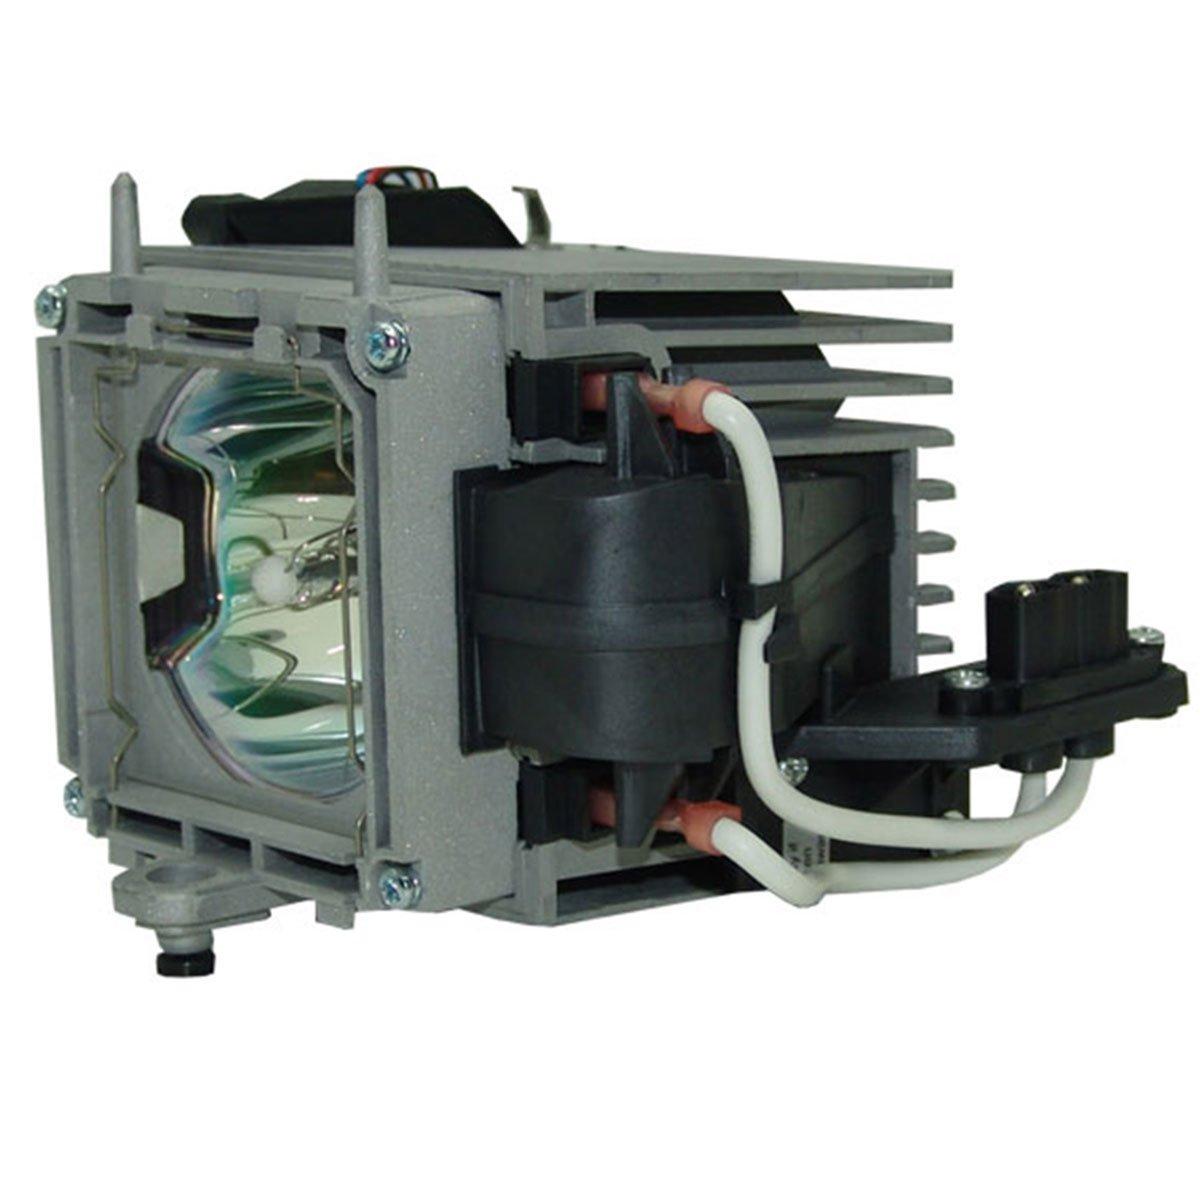 オリジナルフィリップスプロジェクター交換用ランプ Infocus SP-LAMP-006用 Platinum (Brighter/Durable) Platinum (Brighter/Durable) Lamp with Housing B07KTKW6PZ